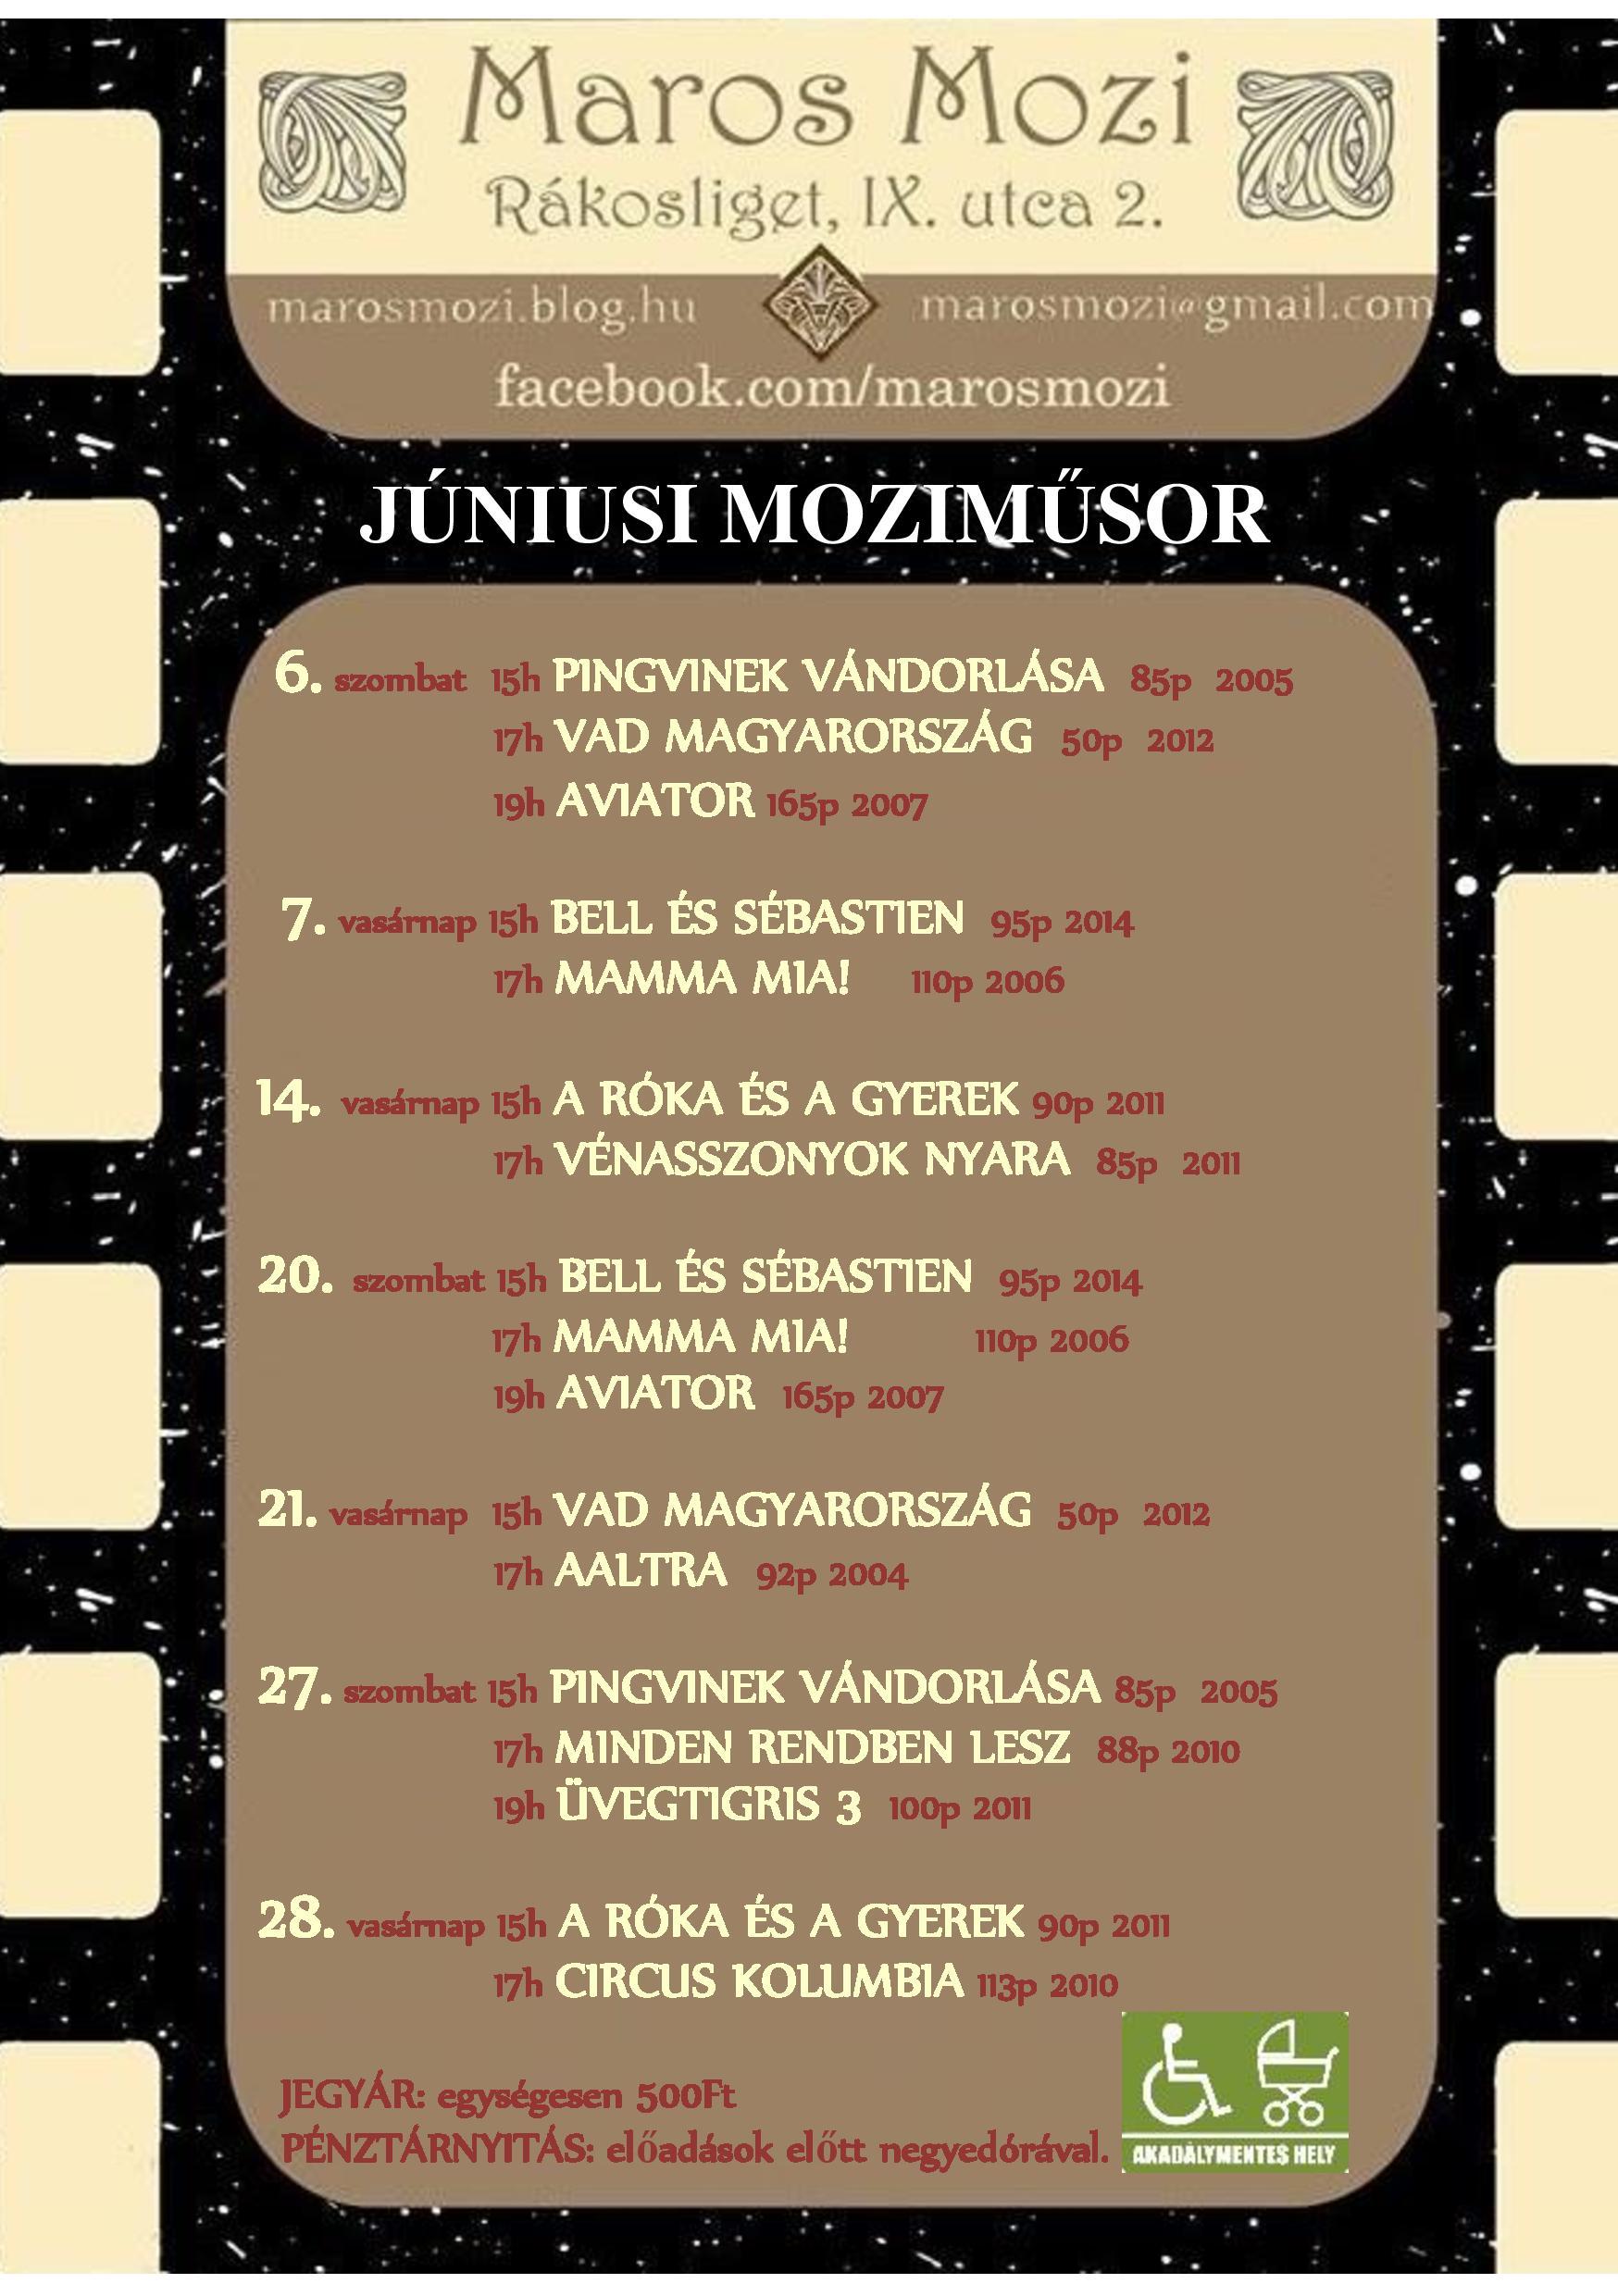 mozi_2015junius-page-001.jpg